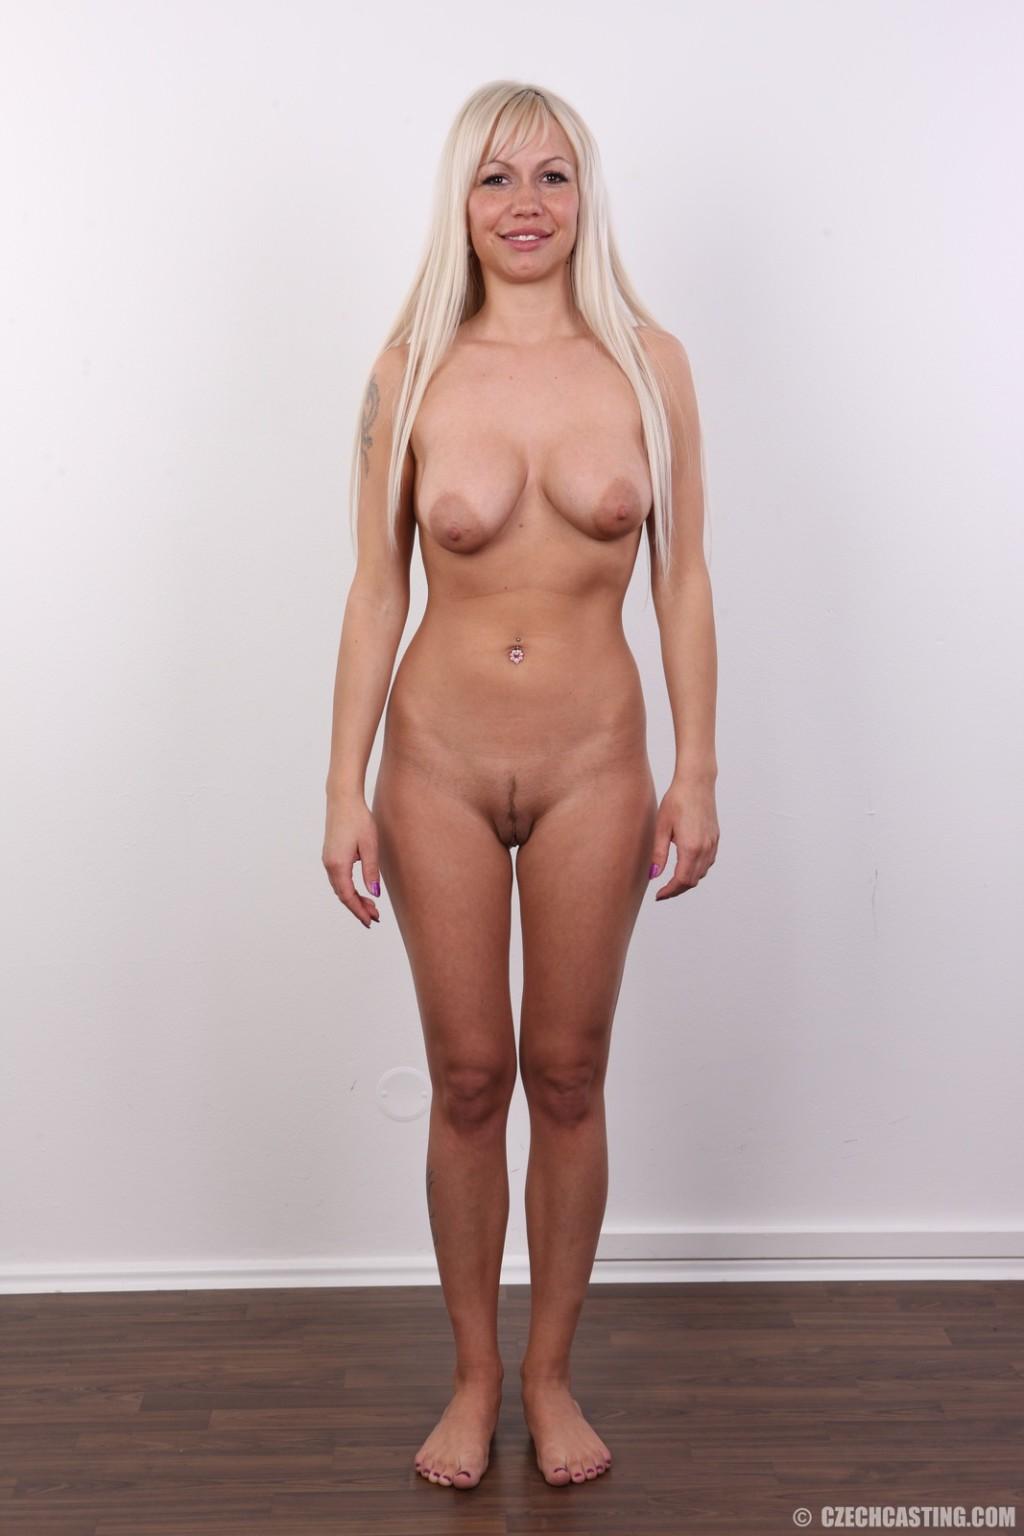 Блондинка с натуральными дойками на кастинге сняла с себя трусики